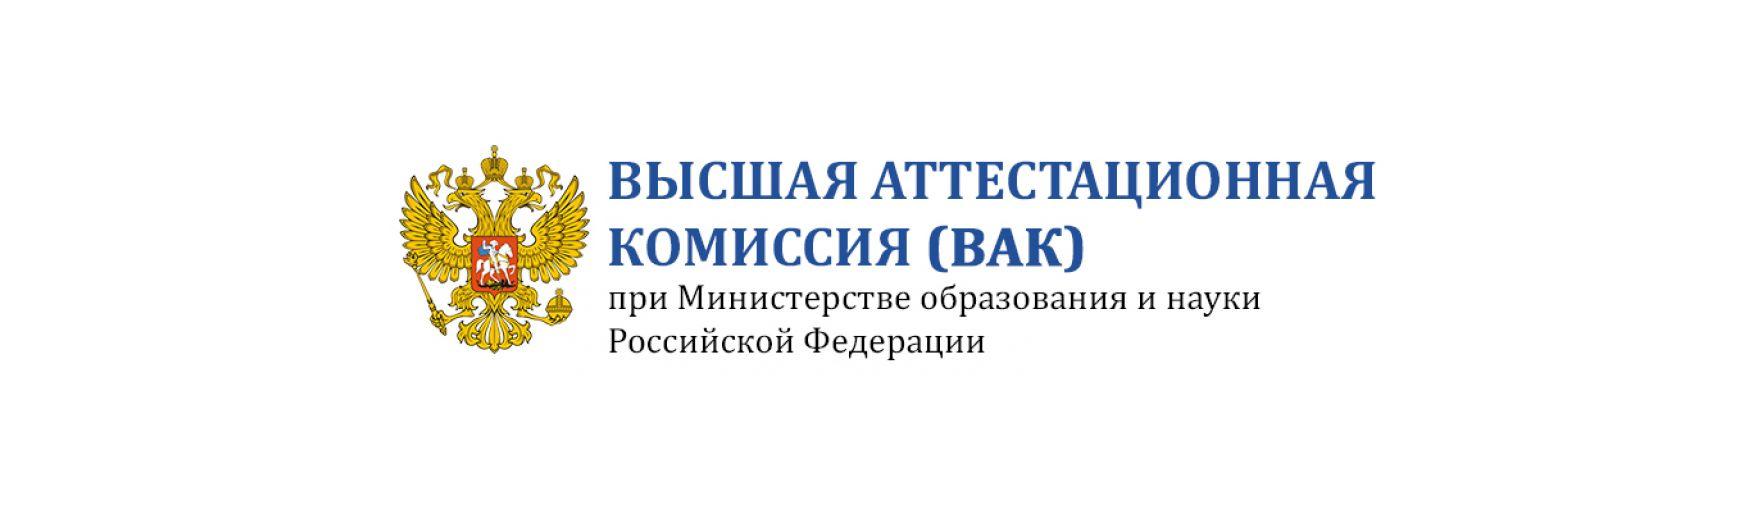 Профессор ИЭП Михаил Павленков вошёл в состав экспертов ВАК РФ